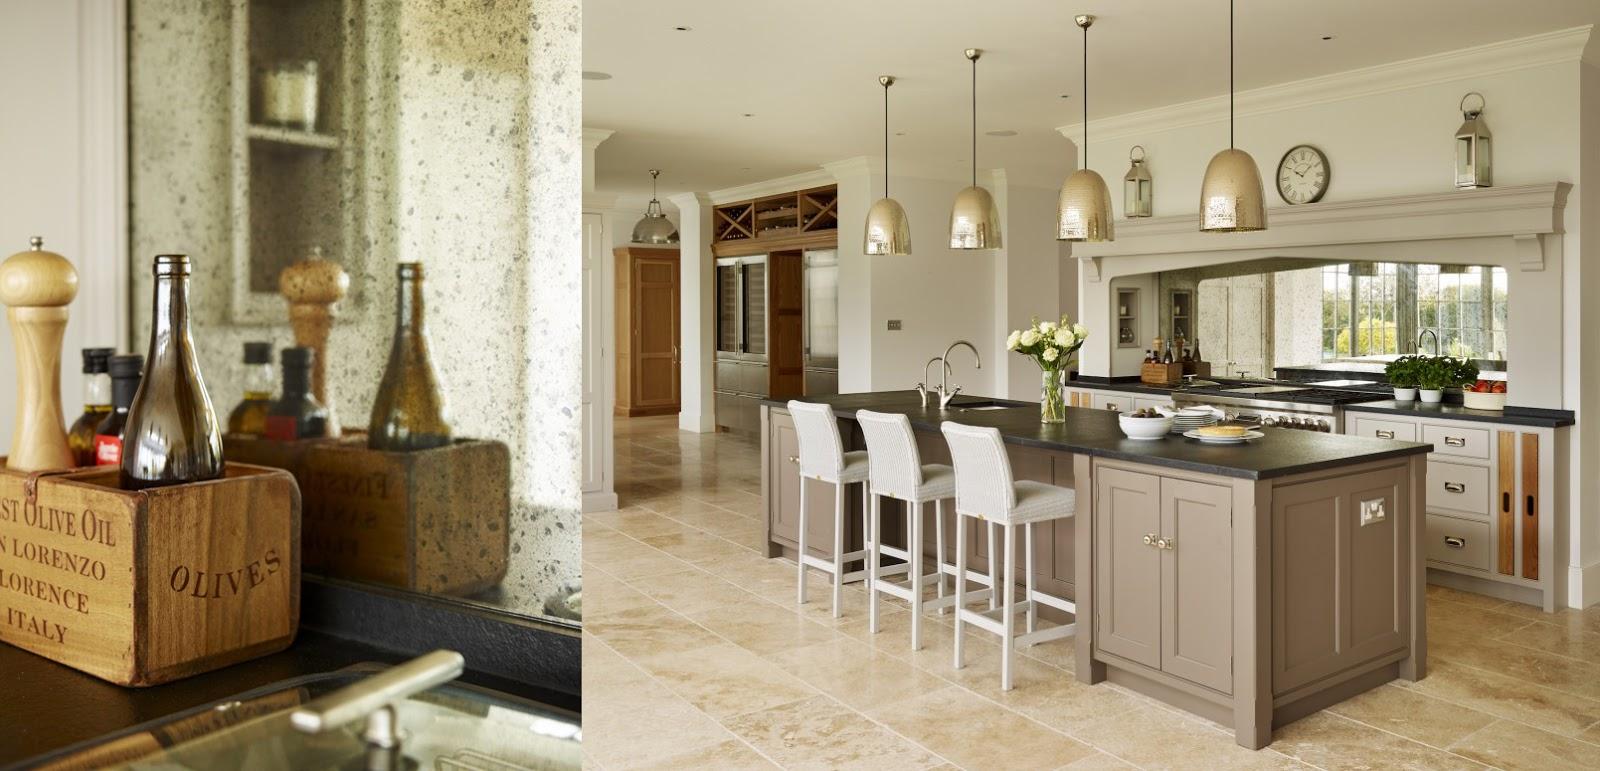 Uno specchio in cucina shabby chic interiors - Specchio ovale shabby chic ...